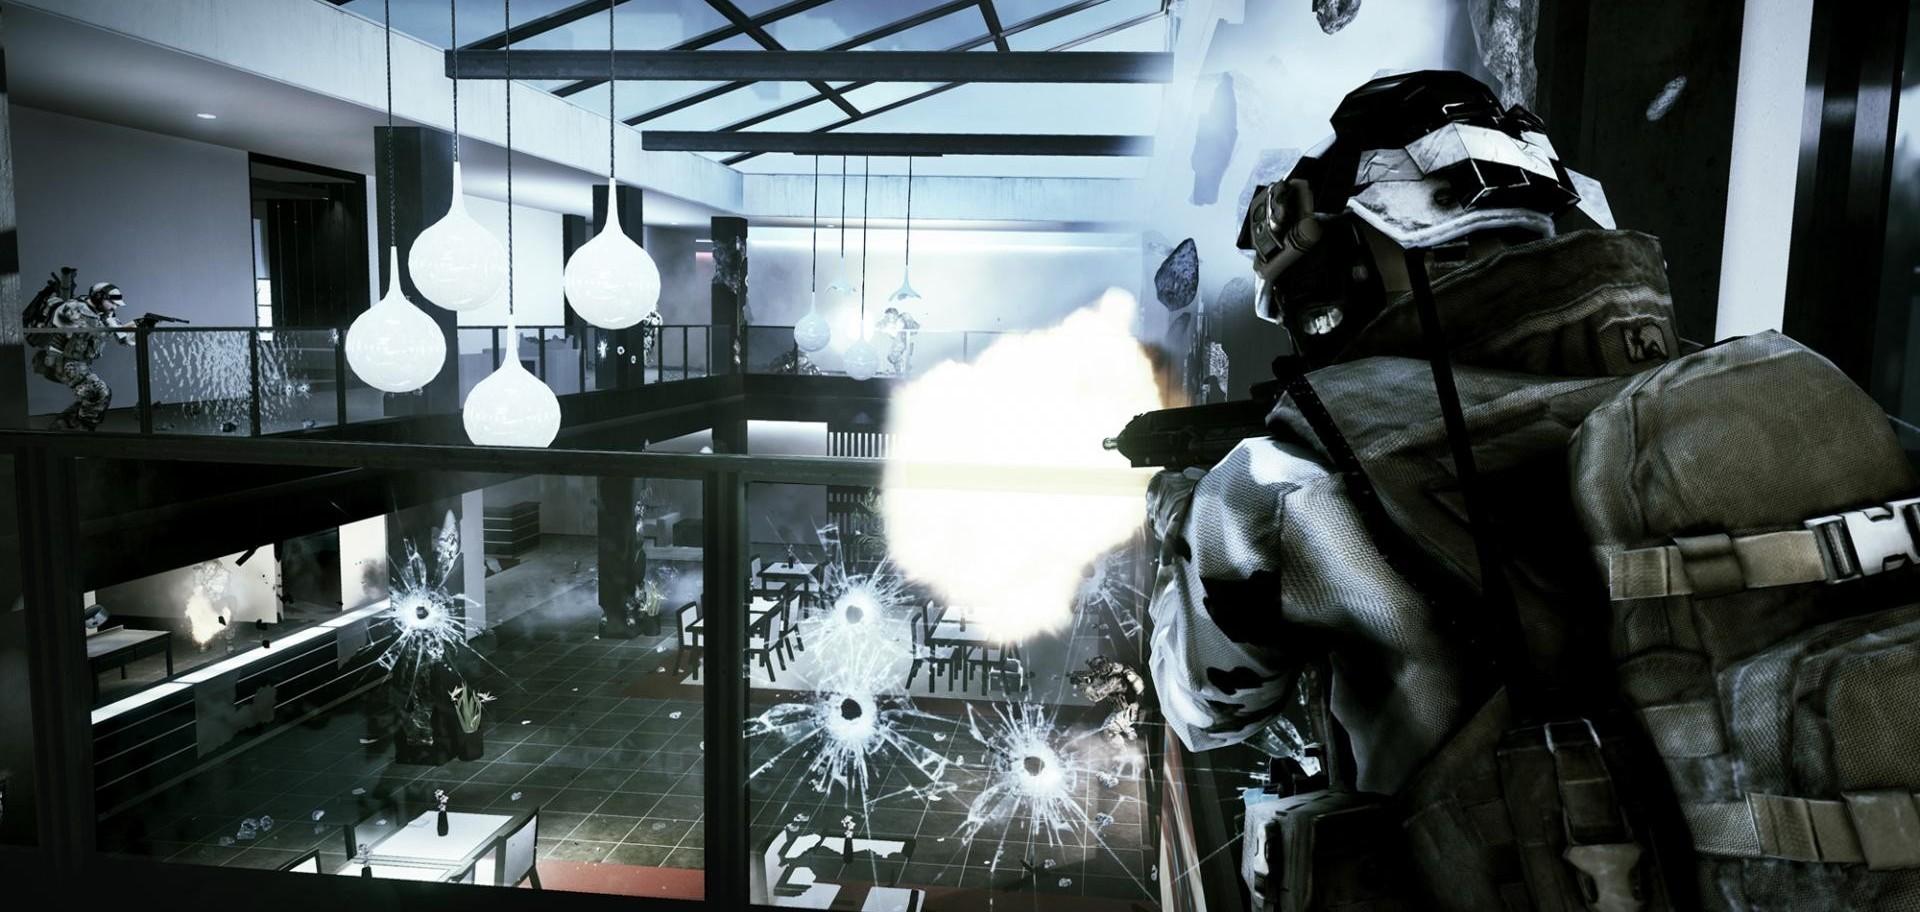 'Battlefield 4' reveal in 90 days